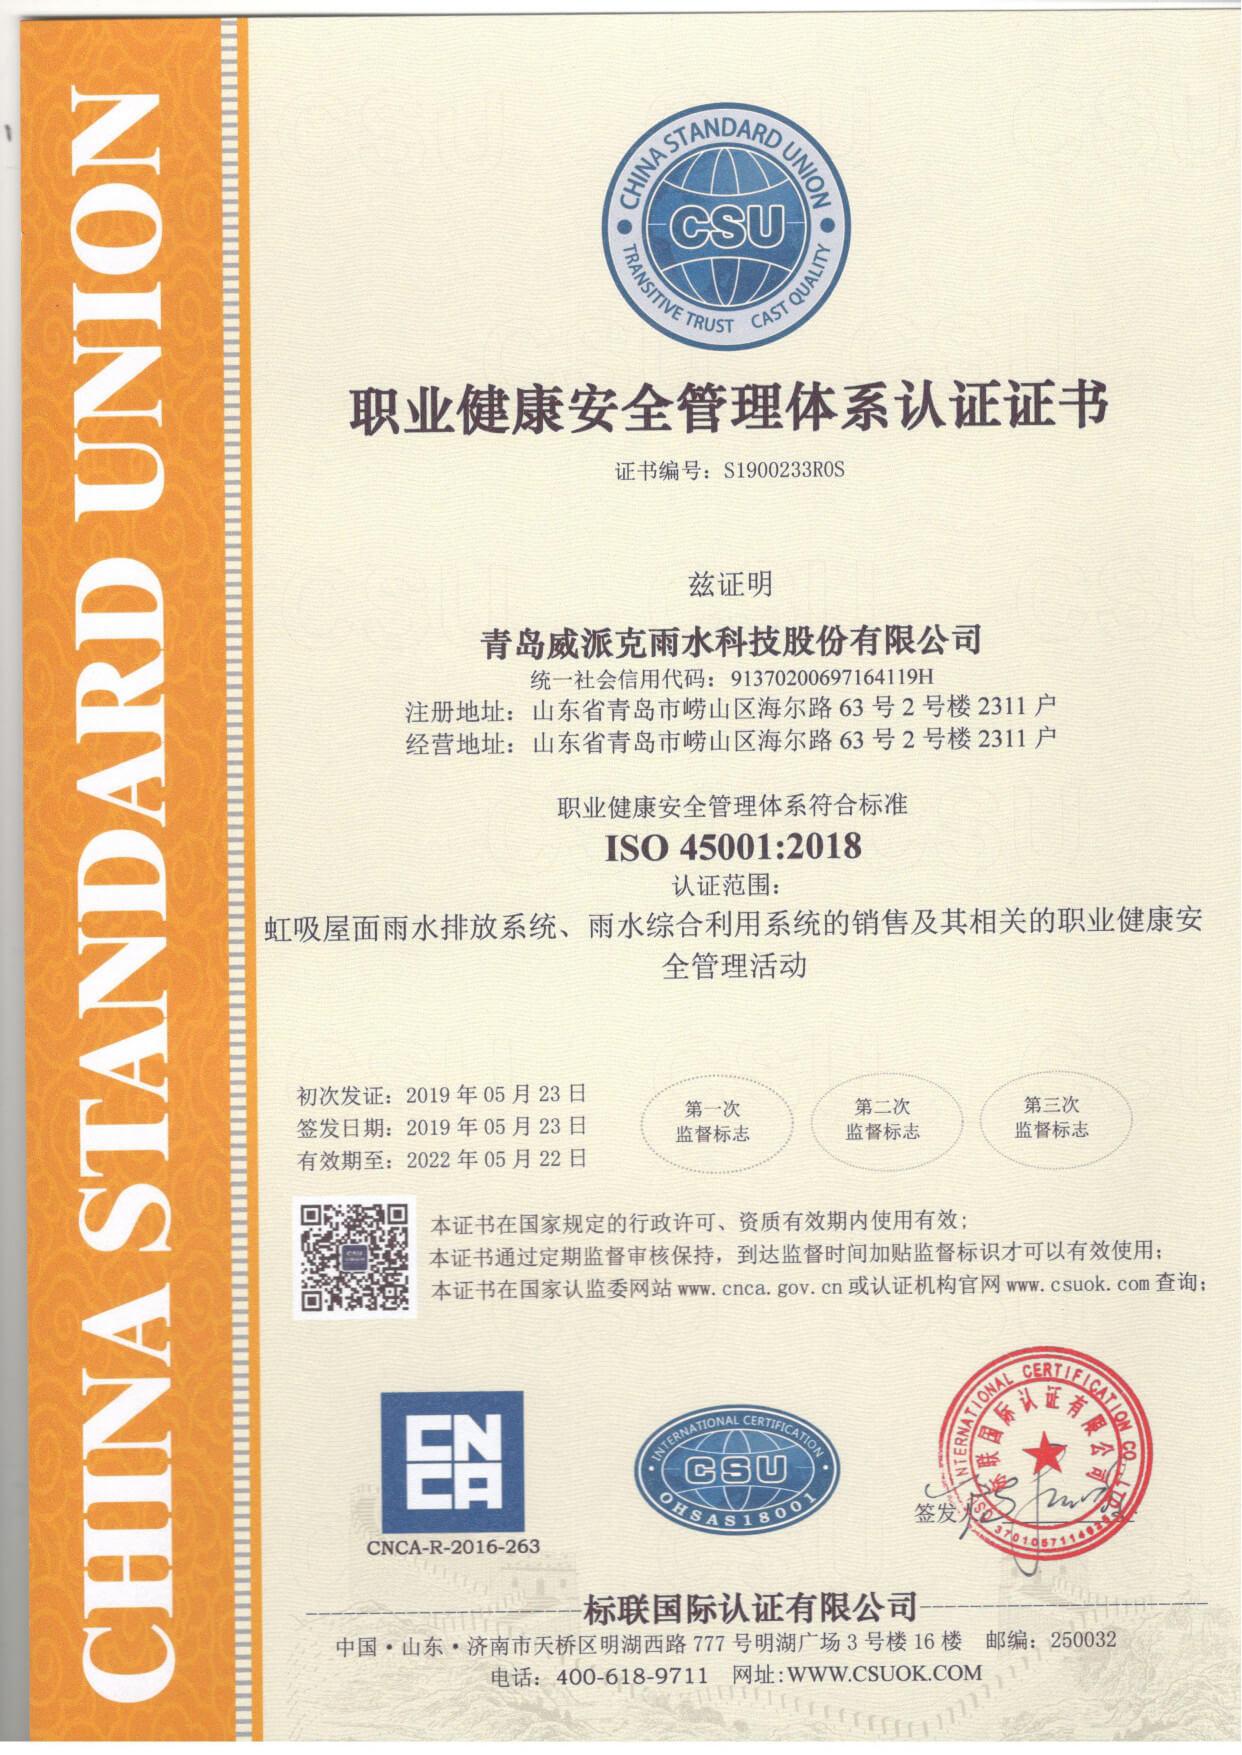 职业健康安全管理体系认证保证书